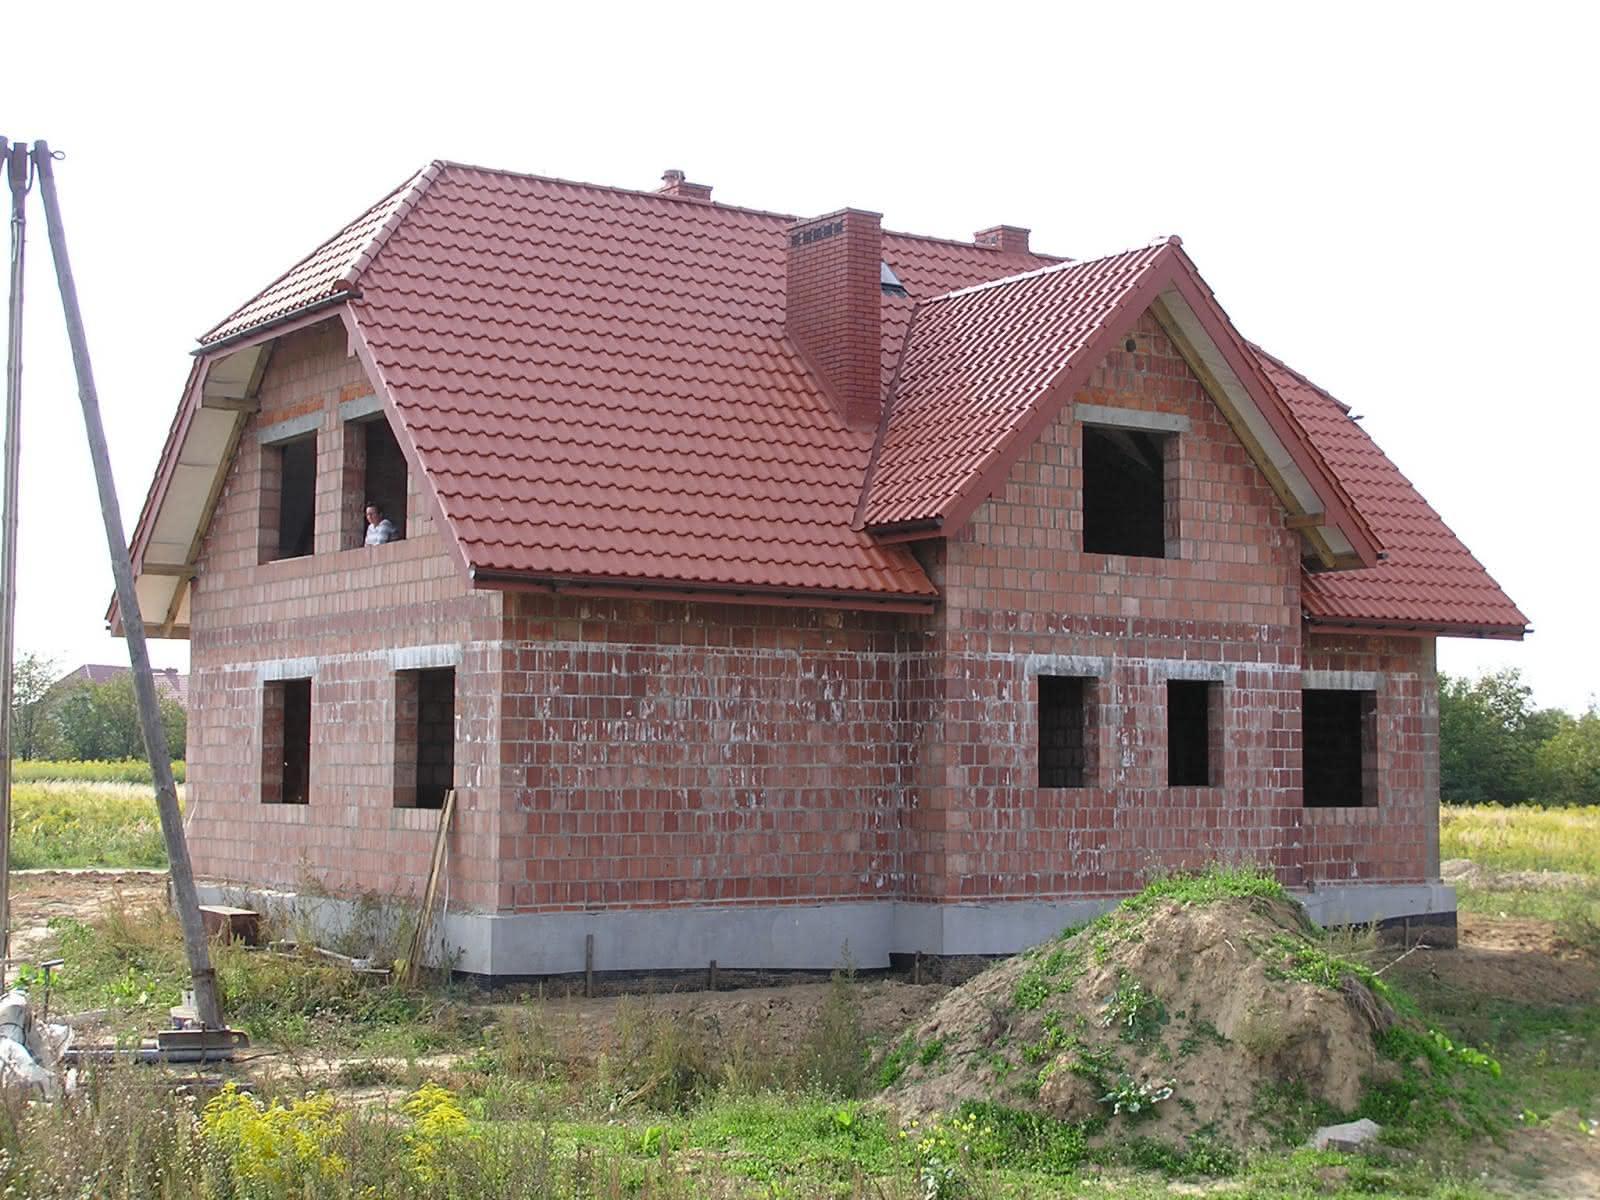 Wawrzyn/Archeton